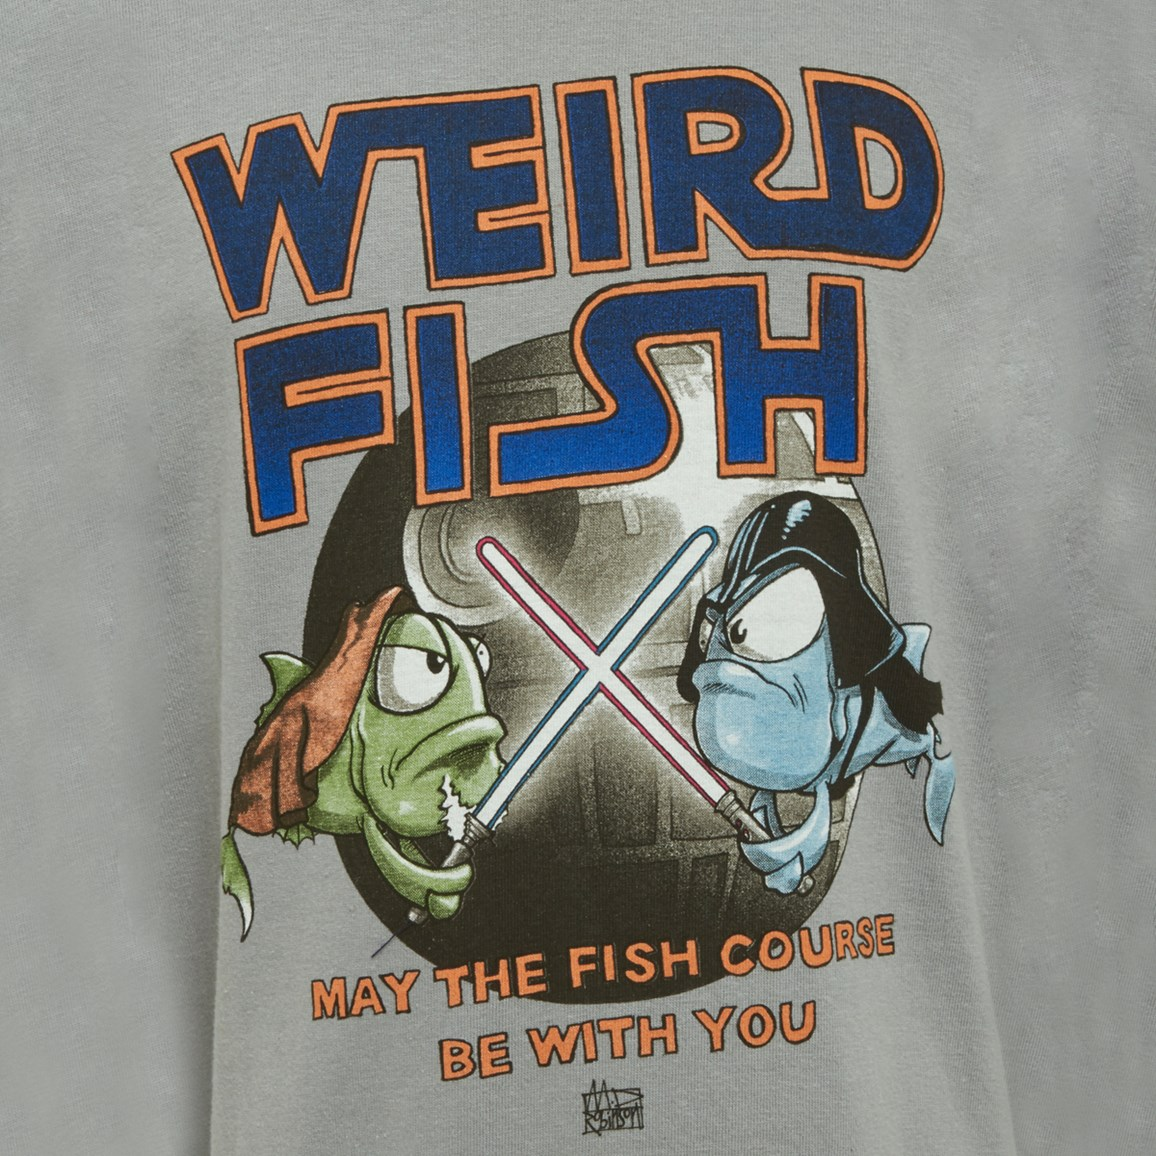 Weird Fish Fish Course Artist T-Shirt Steel Size 11-12